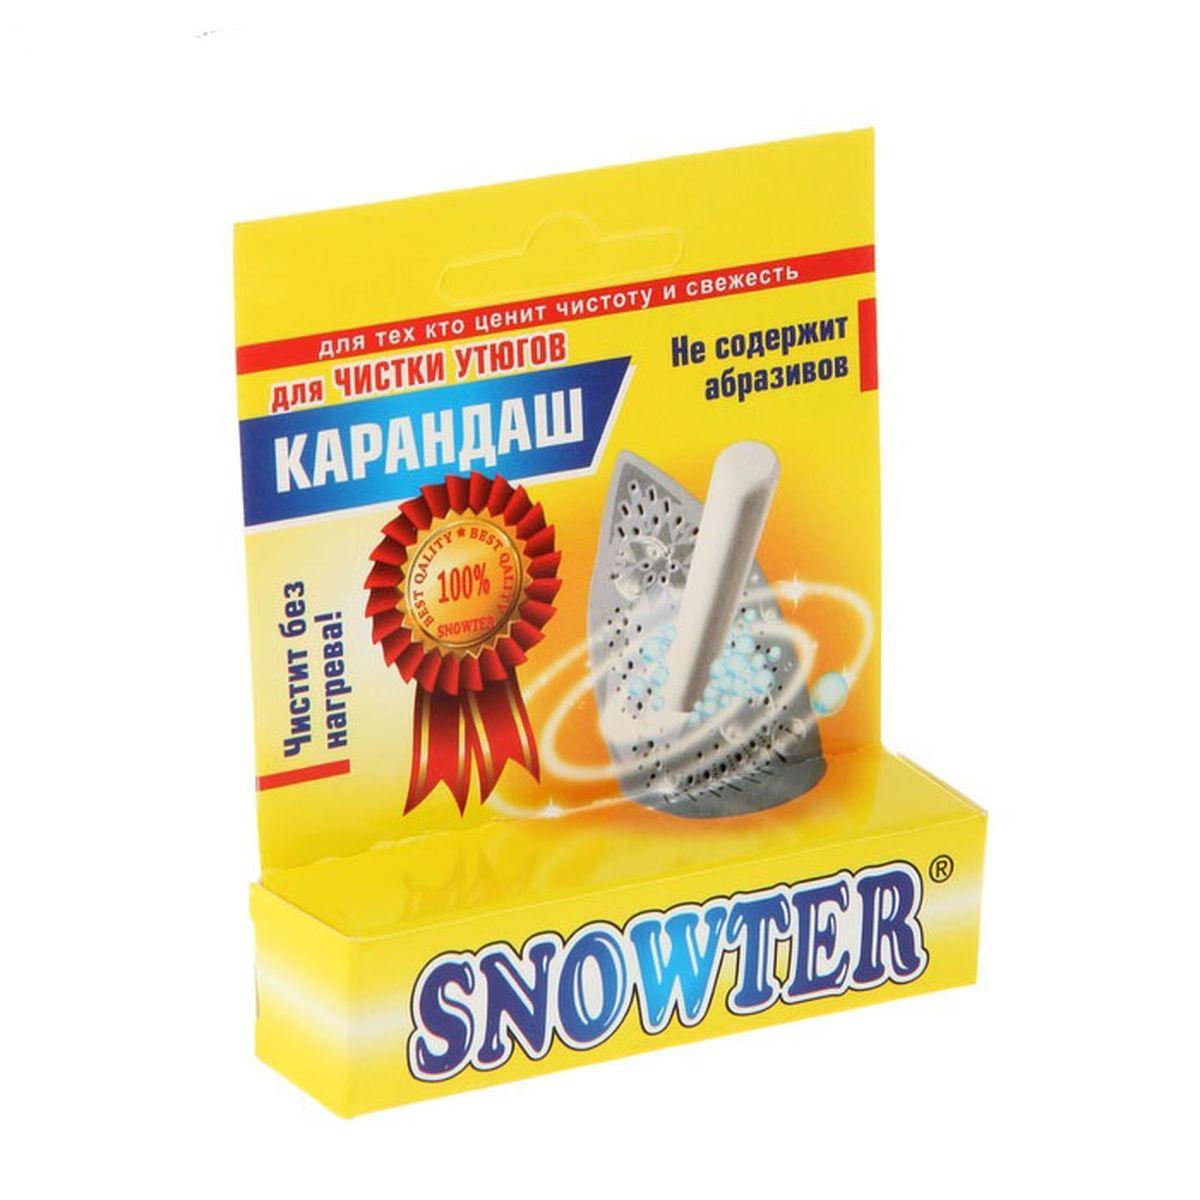 Карандаш для чистки утюгов без нагрева Snowter, 35 г4602083001453Карандаш для чистки утюгов Snowter, без нагрева, 35 г - эффективное средство для очистки подошвы утюга от налётов крахмала, аппретуры и различных волокон. Не содержит абразивов, способных поцарапать поверхность, в том числе и тефлоновую. Улучшает скольжение по ткани. Способ применения: Для очистки подошвы утюг не нужно нагревать. Смочите подошву утюга влажной губкой, затем обработайте карандашом до образования на поверхности белой пены. Подождите 10-15 минут и удалите её влажной губкой. Если на подошве утюга имеются сильные загрязнения, то обработку необходимо повторить и увеличить время воздействия средства. На утюгах с функцией отпаривания отверстия для выхода пара можно прочистить путём нагрева утюга и выпуска из этих отверстий пара.